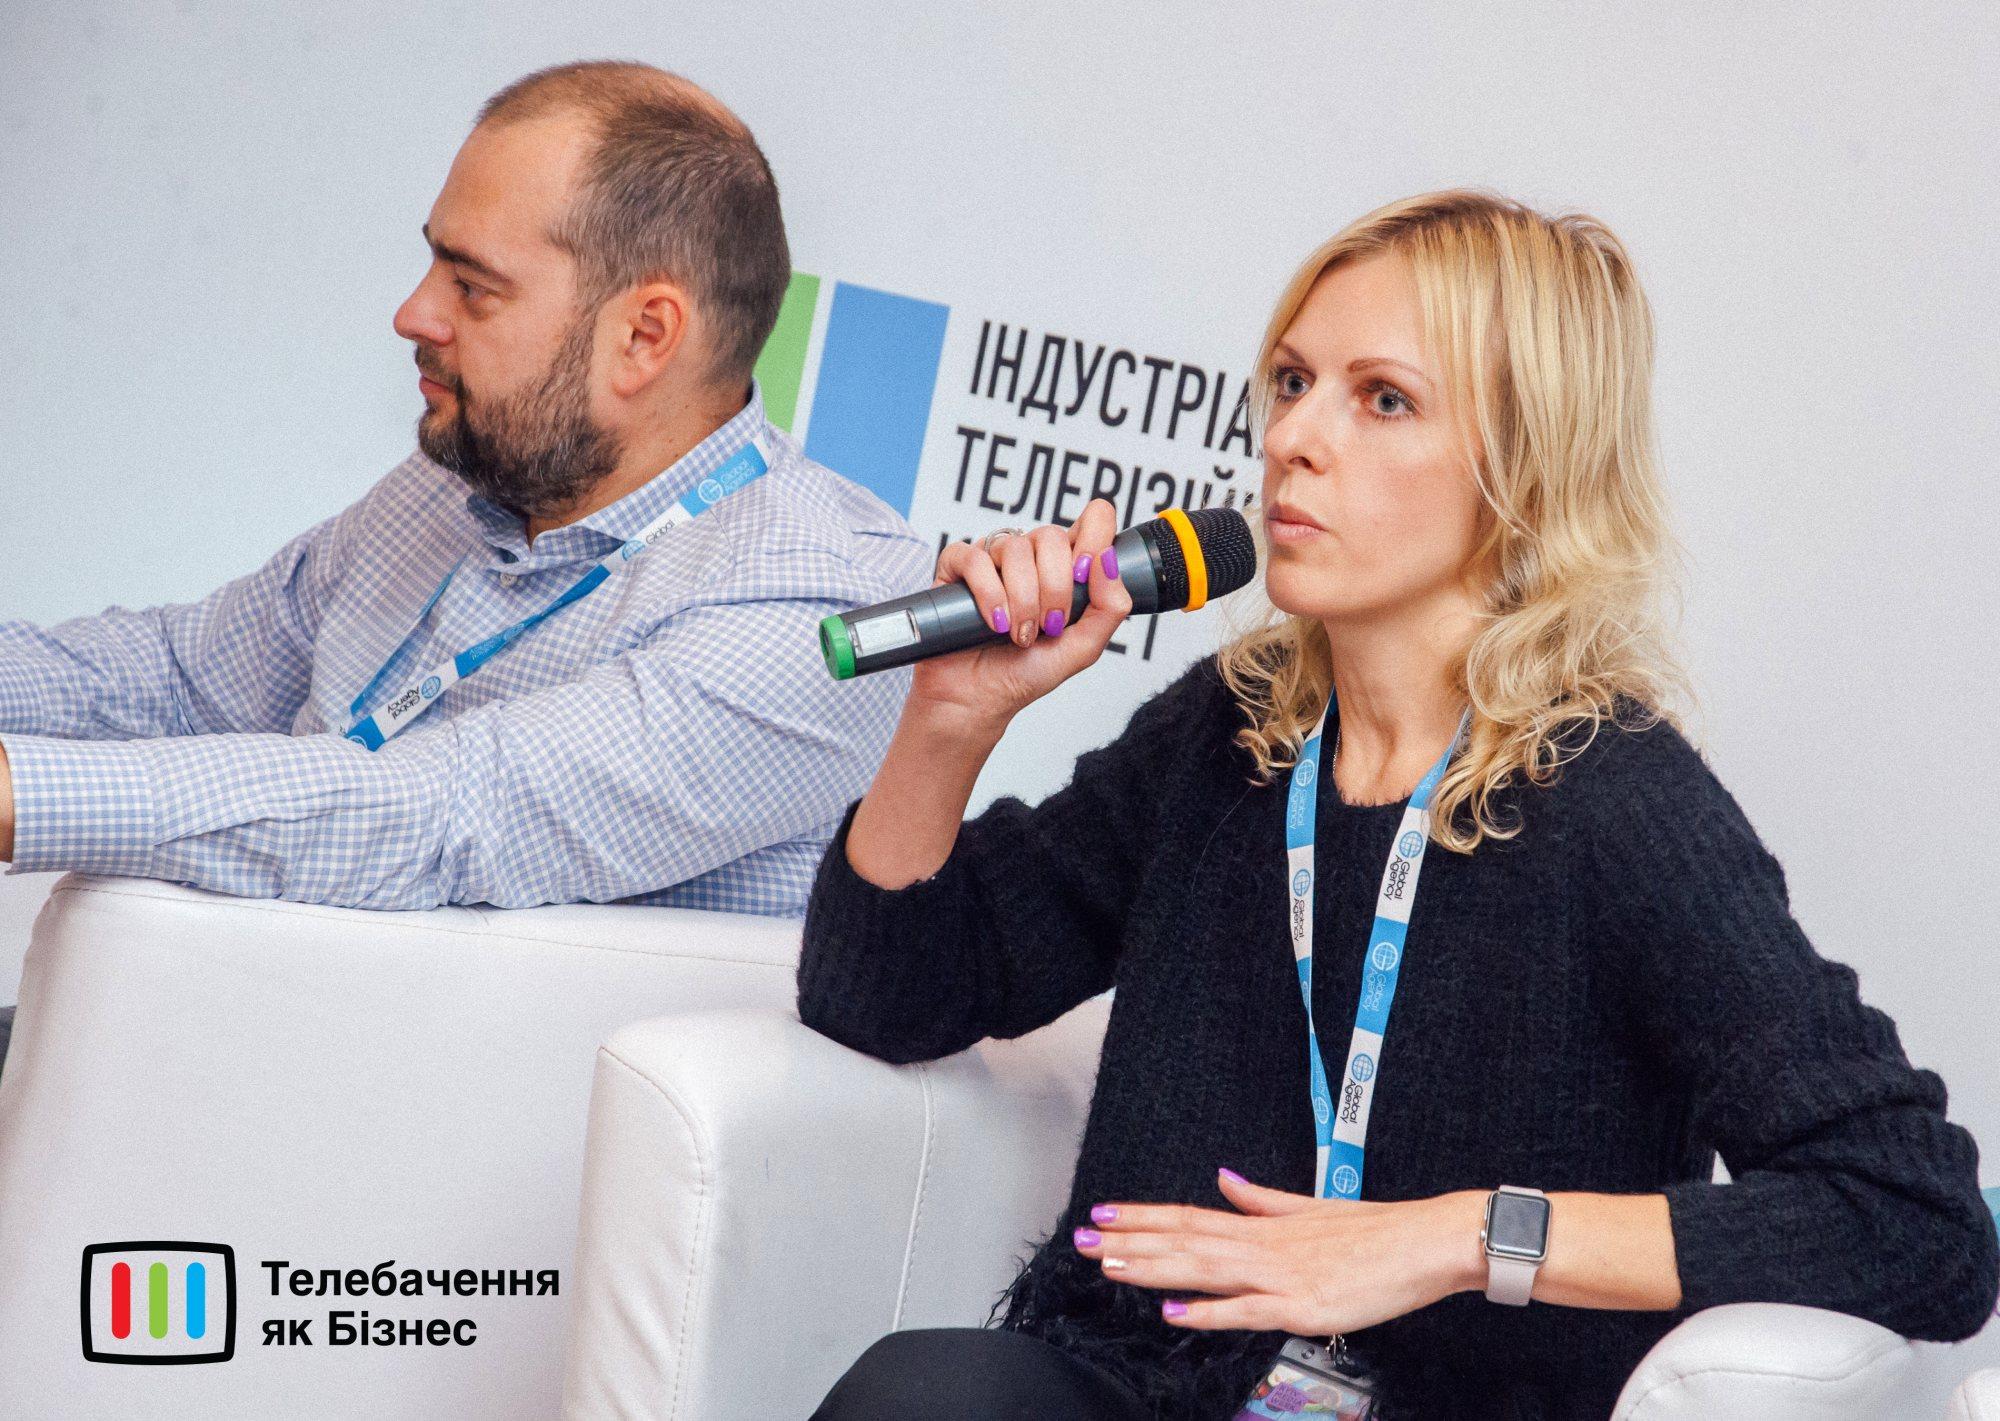 Юлія Костецька. директорка сейлз-хаусу «Медіапартнерство»